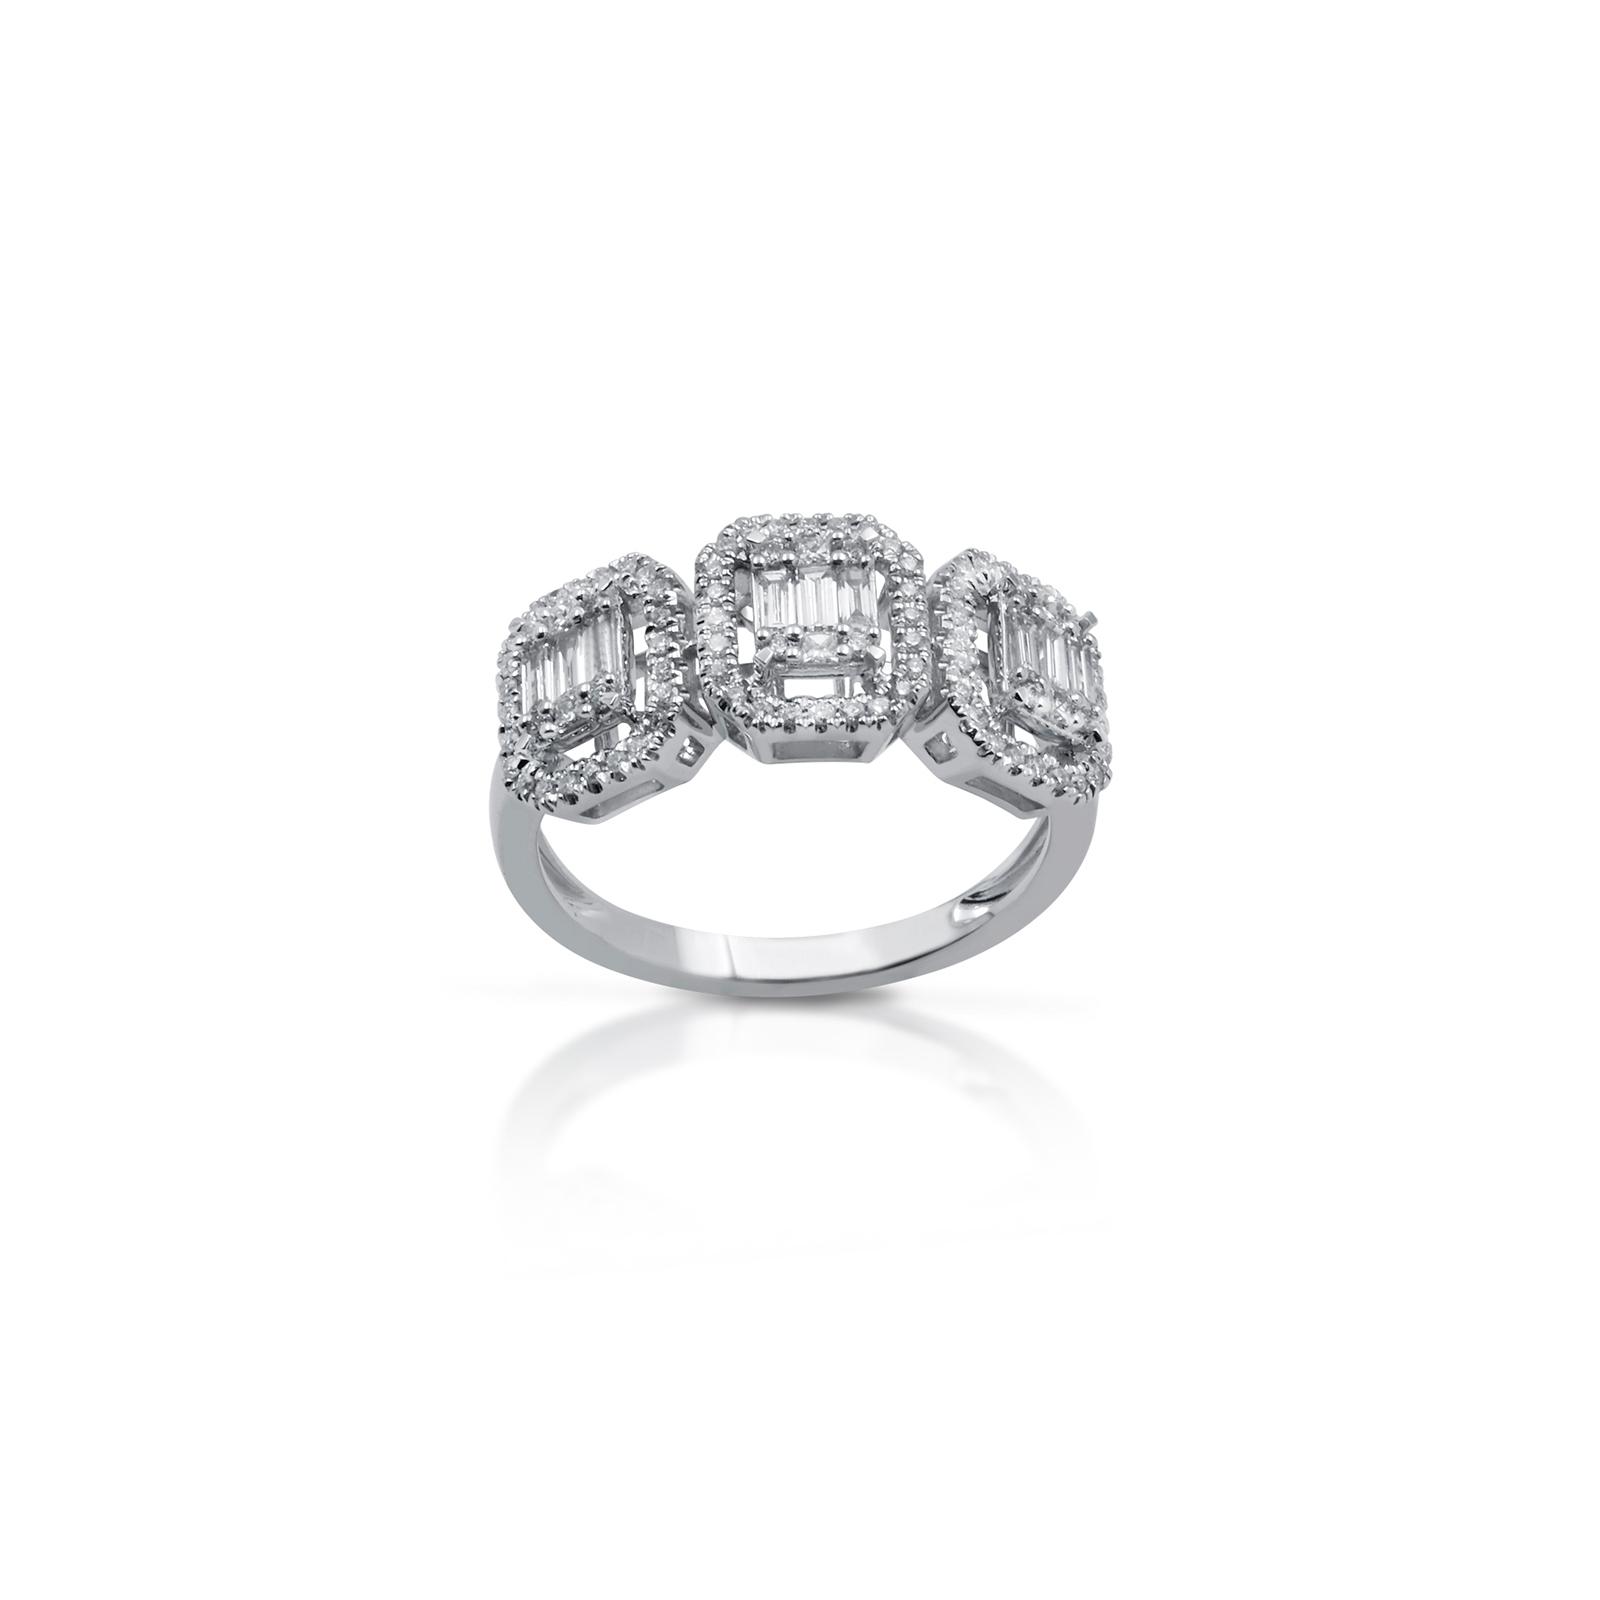 Anello in Oro Bianco e Diamanti taglio Brillante/Baguette Gianni carità